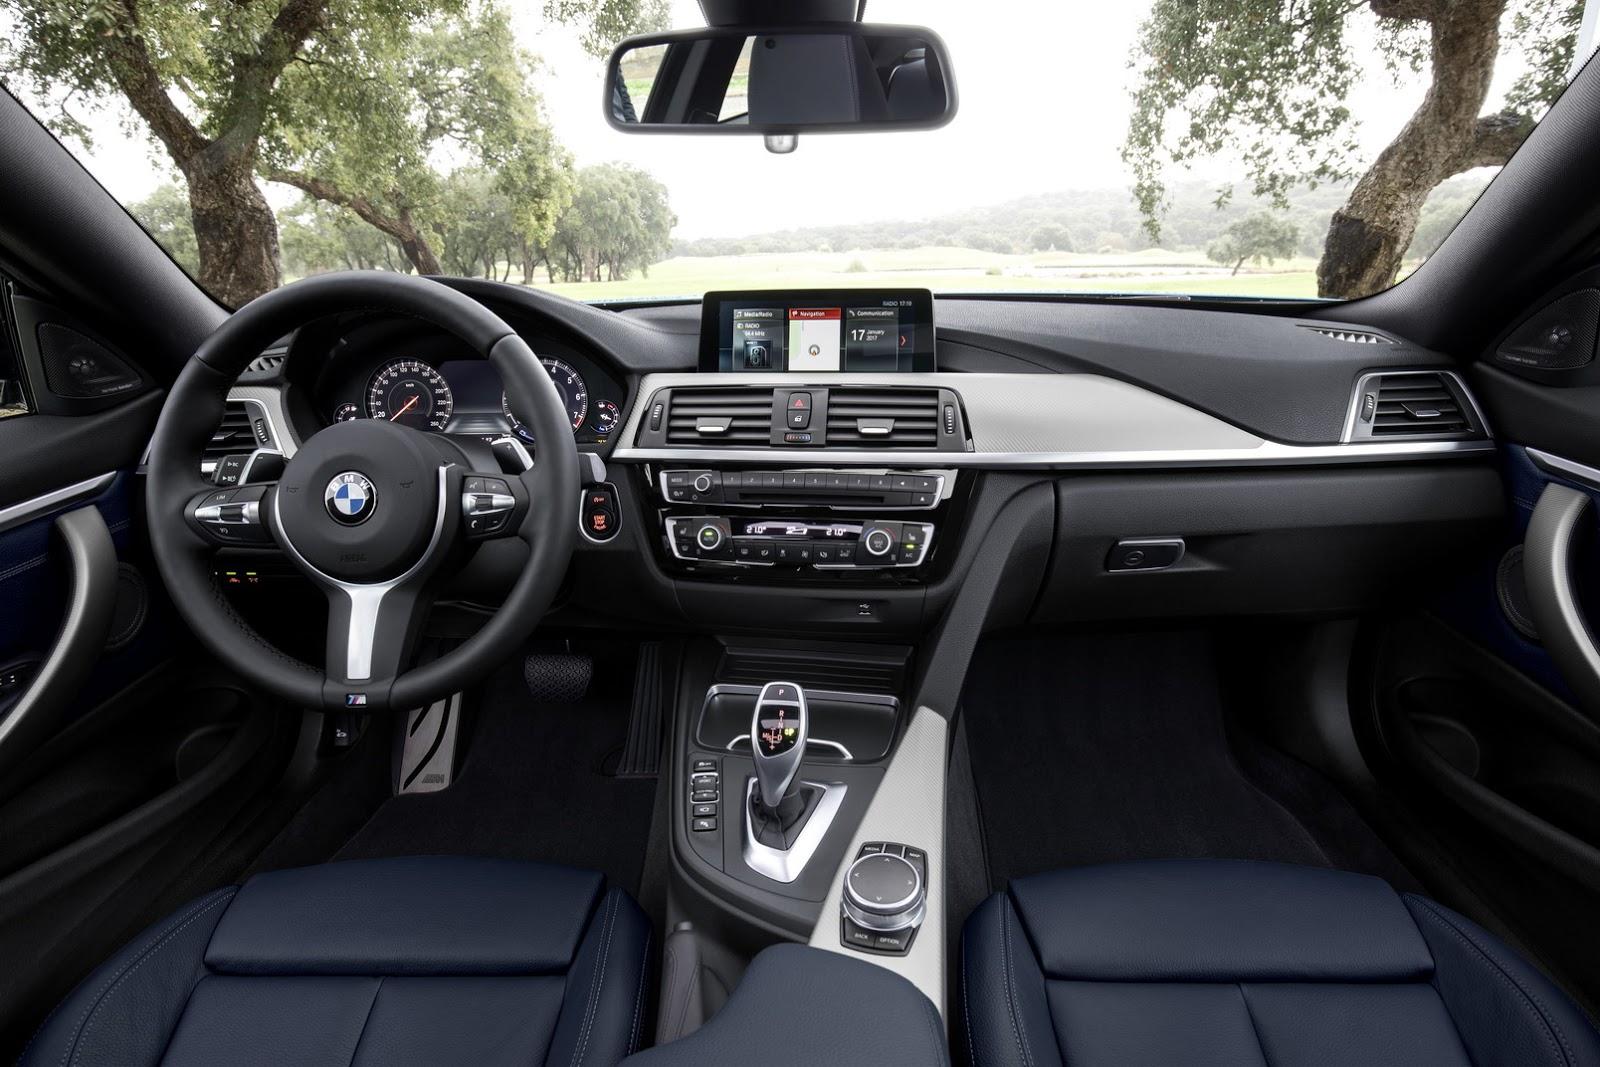 Cabine do BMW Série 4 Coupé